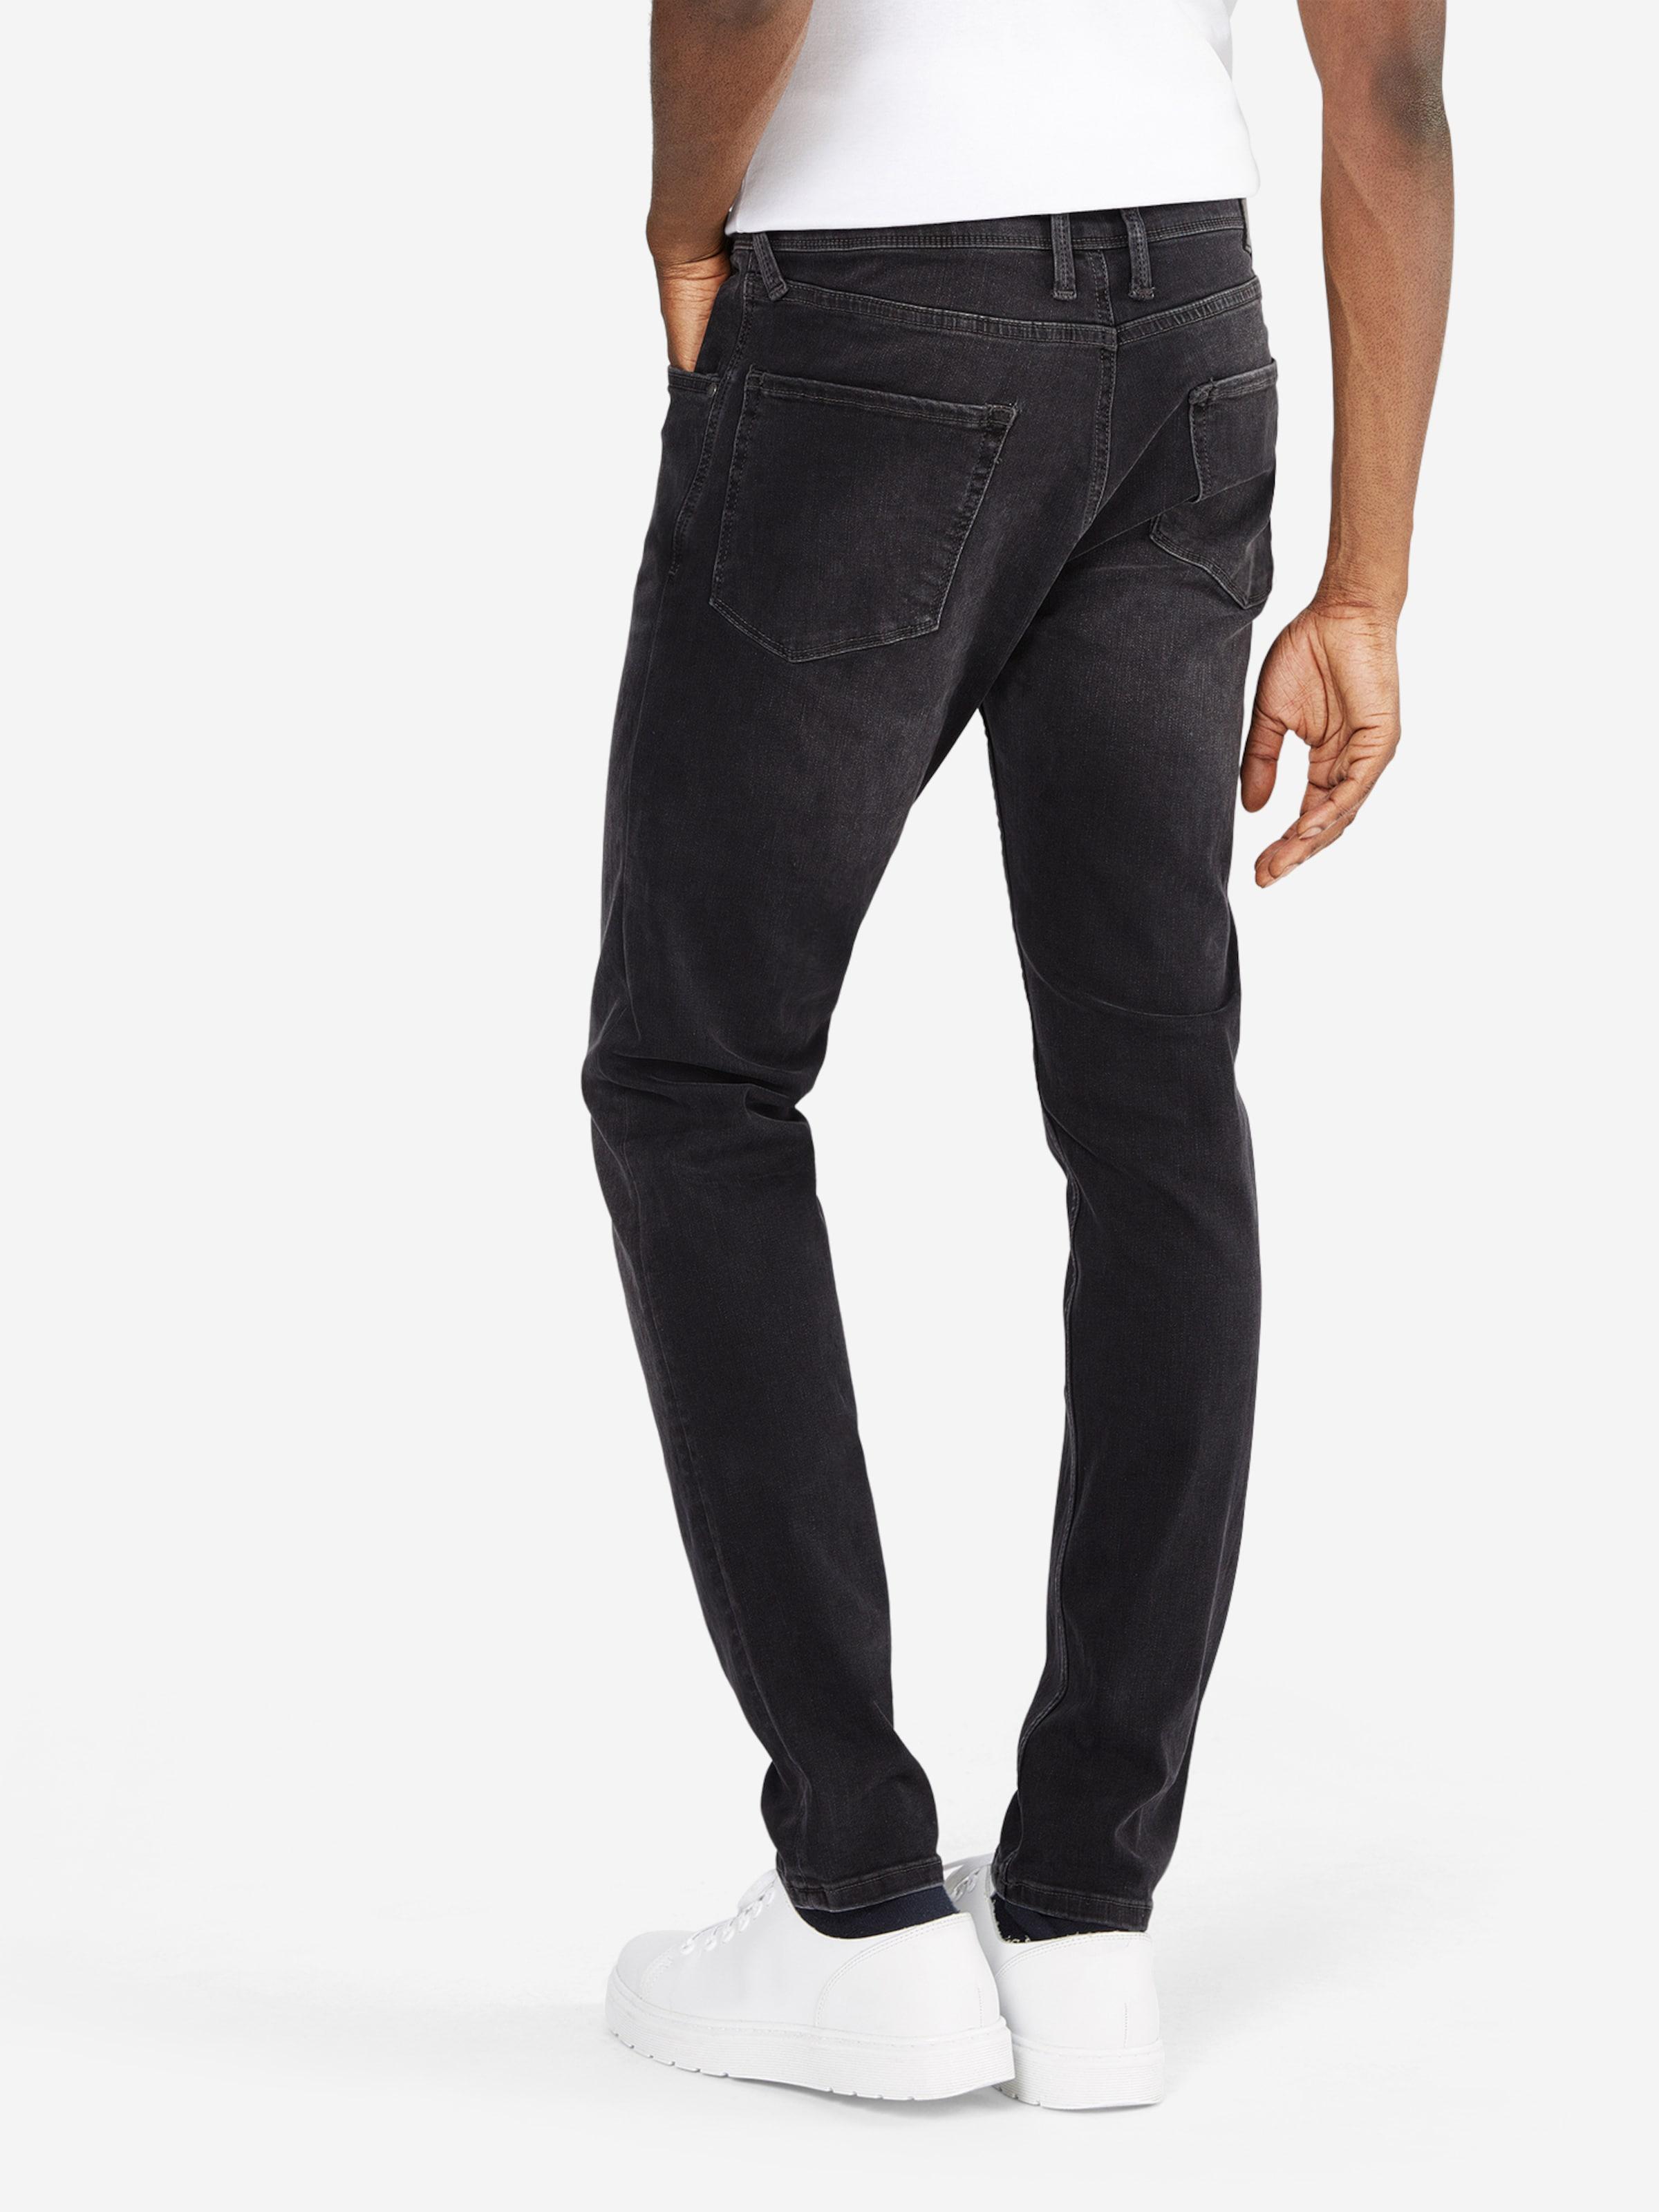 Besuch Günstig Kaufen Breite Palette Von Pepe Jeans Jeans 'Finsbury' Rabatt Wiki Kaufen Sie Günstig Online Preis Strapazierfähiges FiWlLP